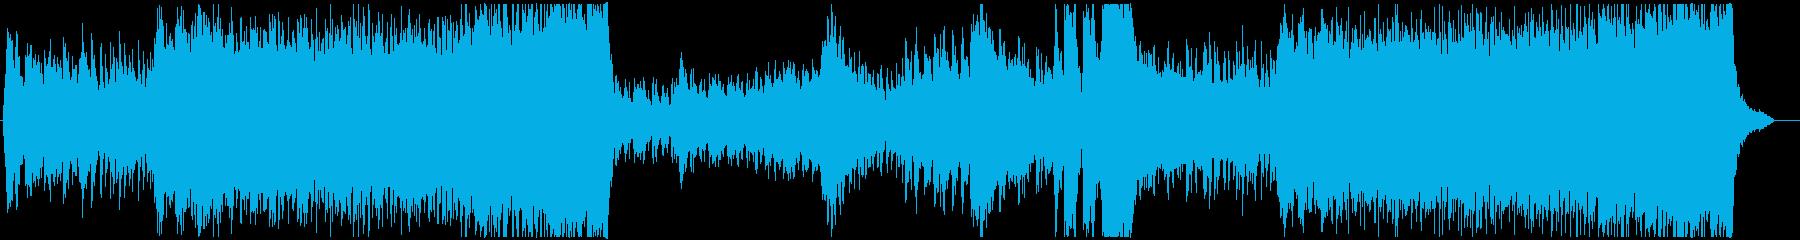 緊迫感のある6拍子のオーケストラBGMの再生済みの波形